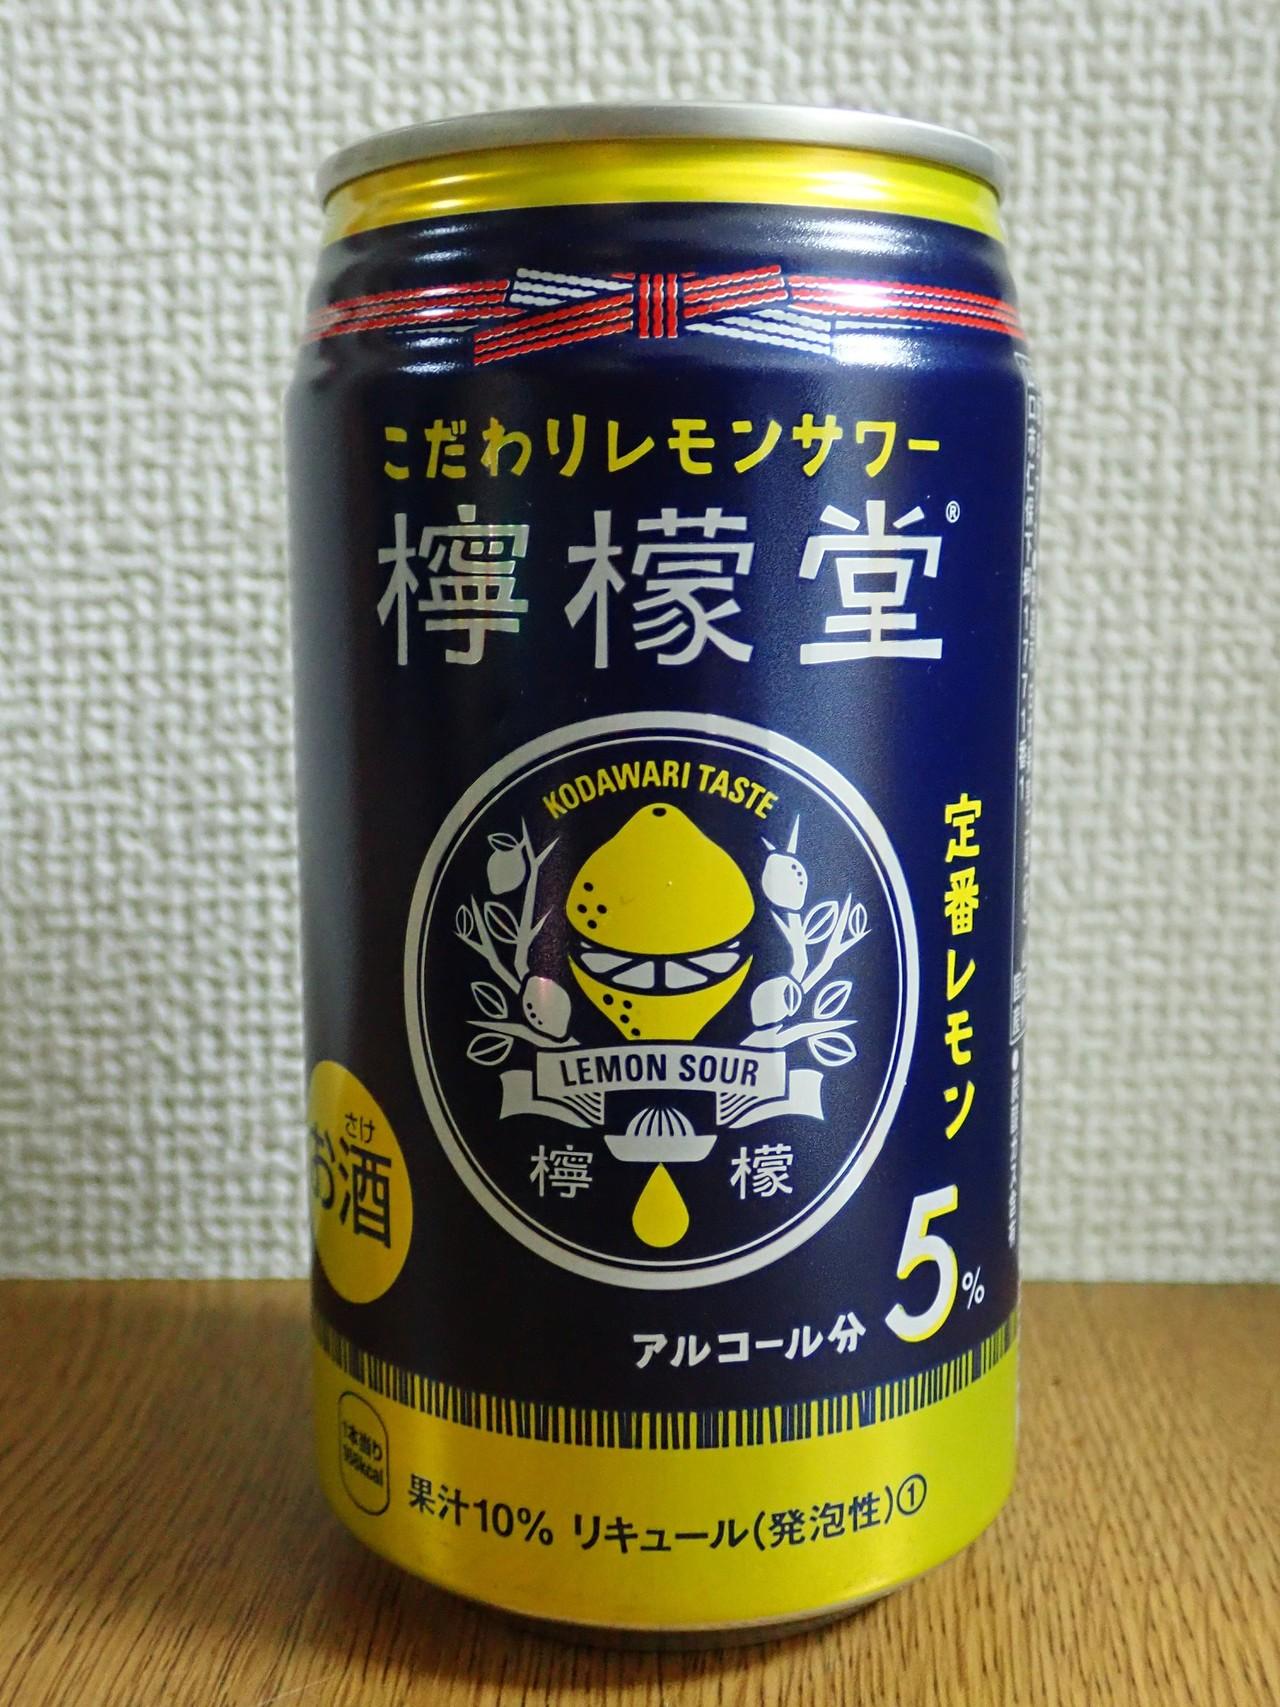 レモン サワー 堂 檸檬